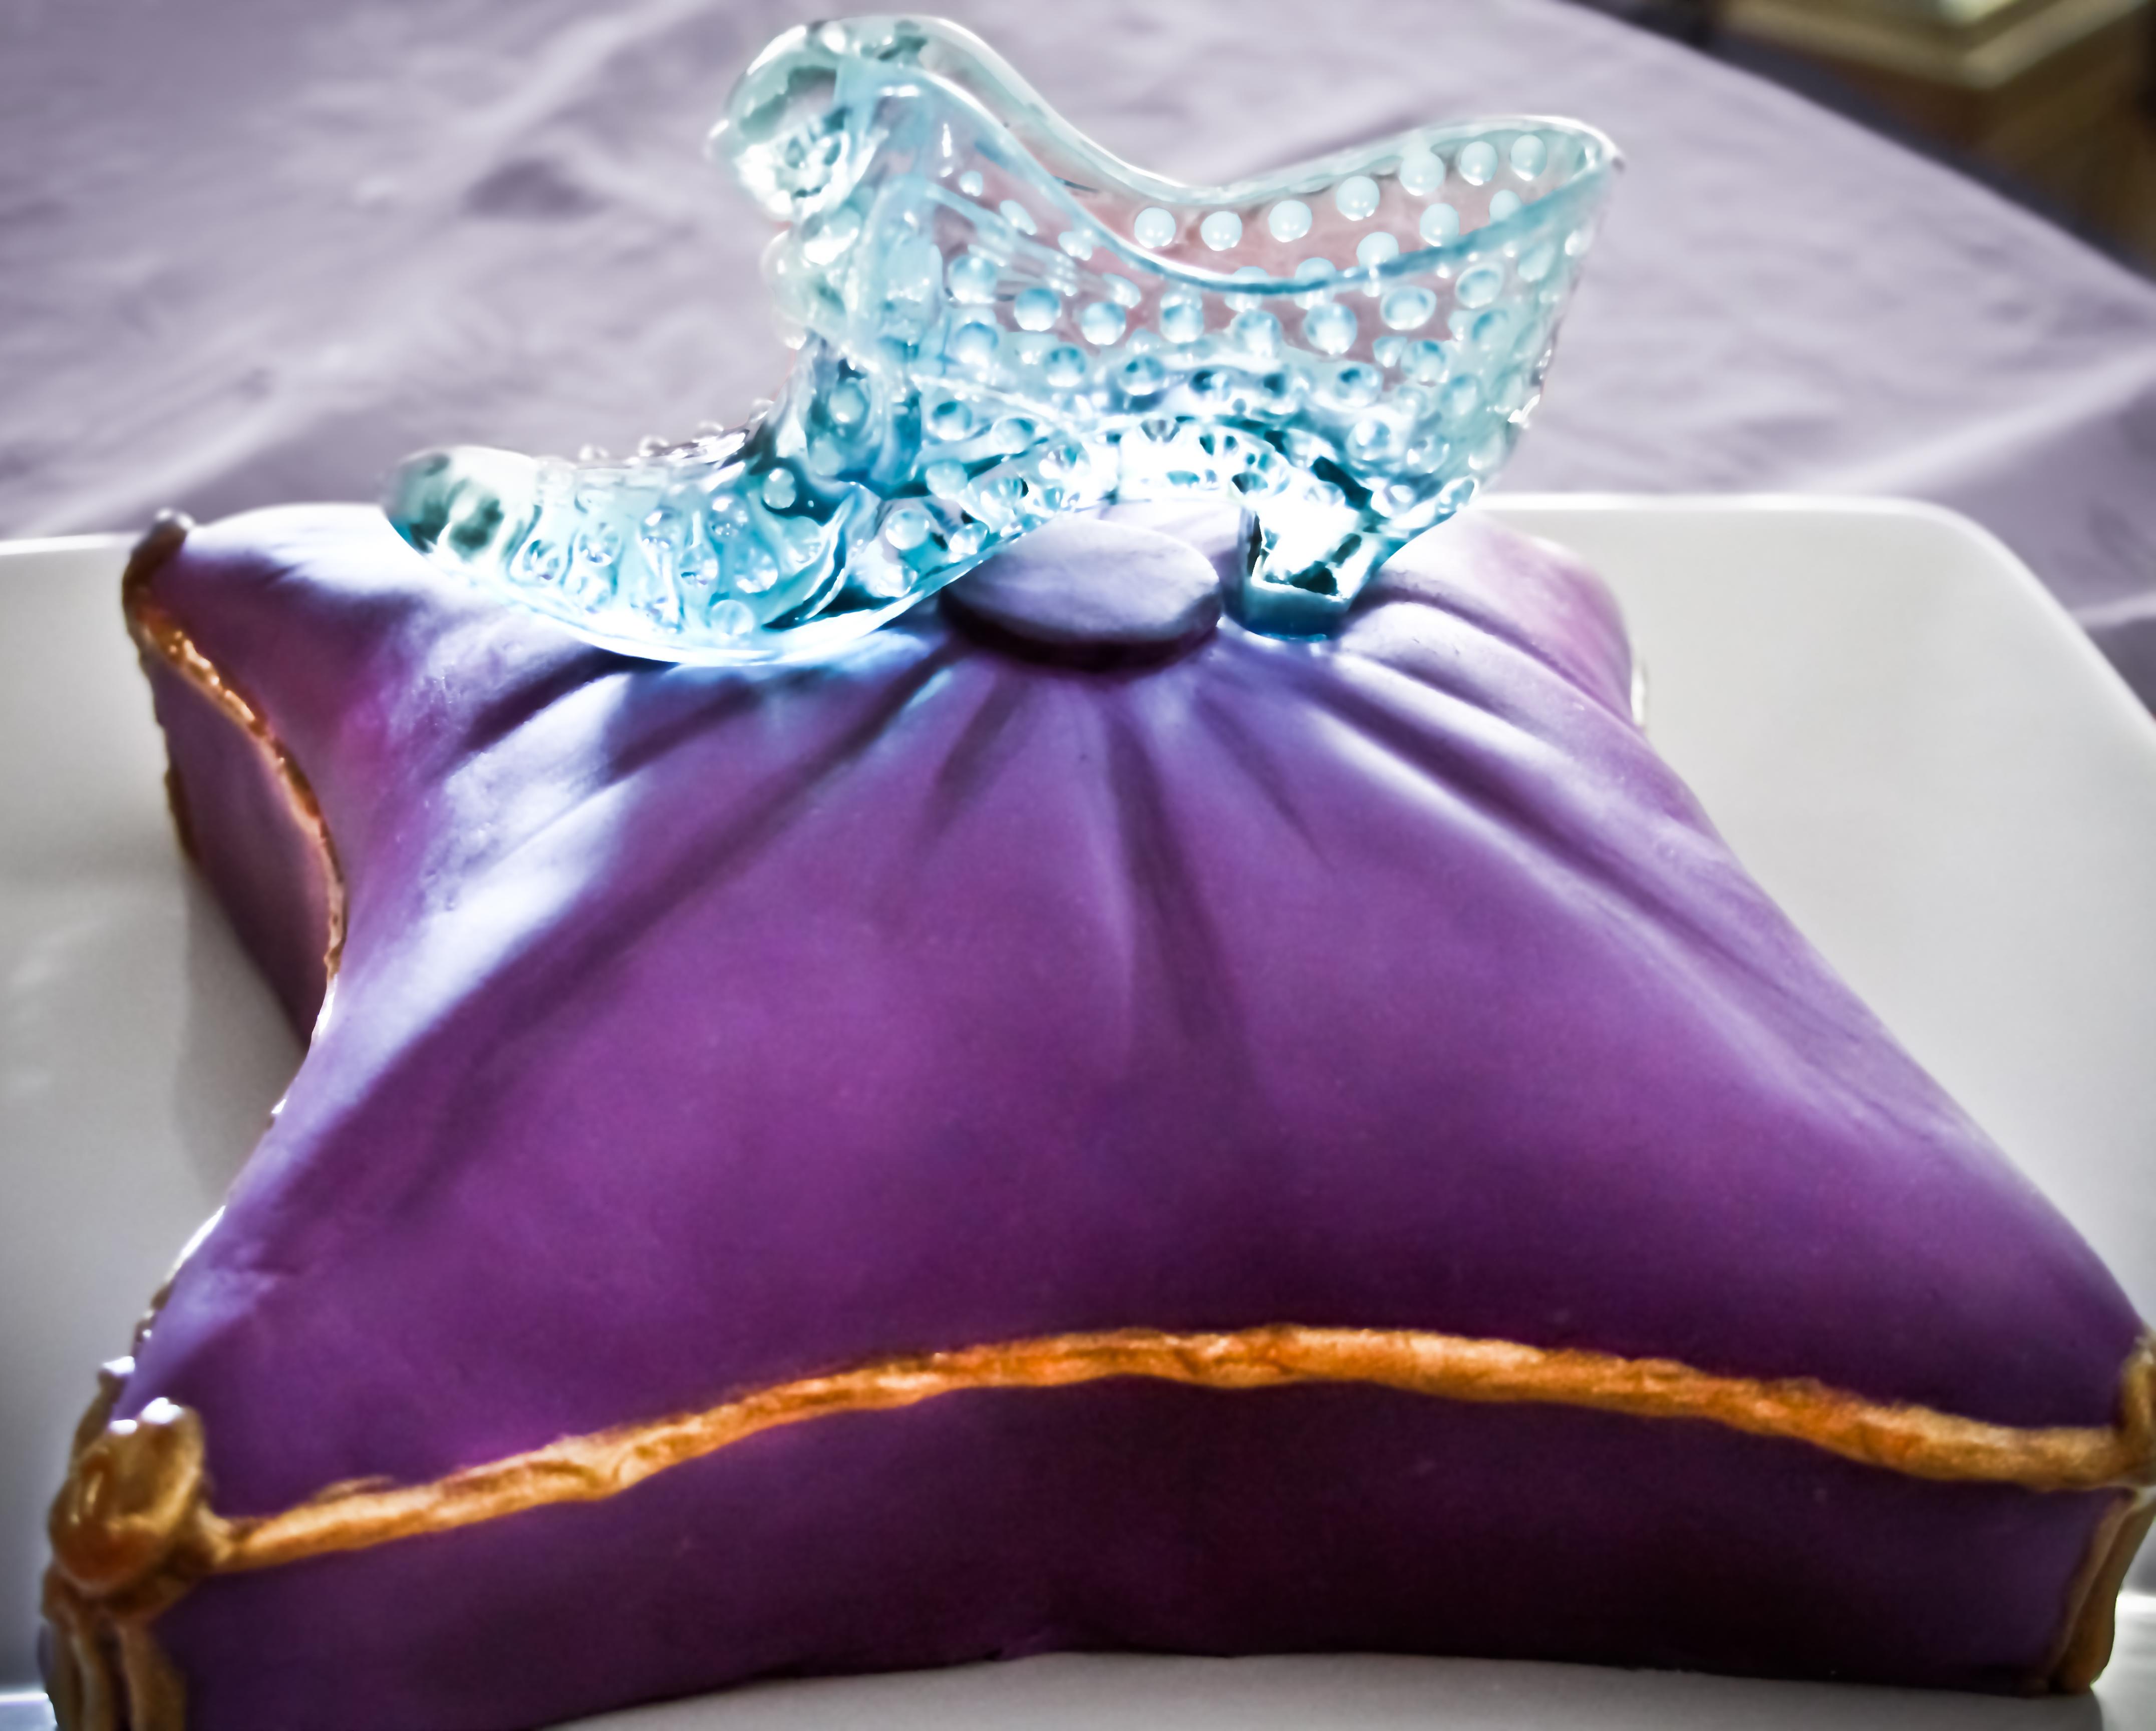 Glass Slipper Pillow Cake